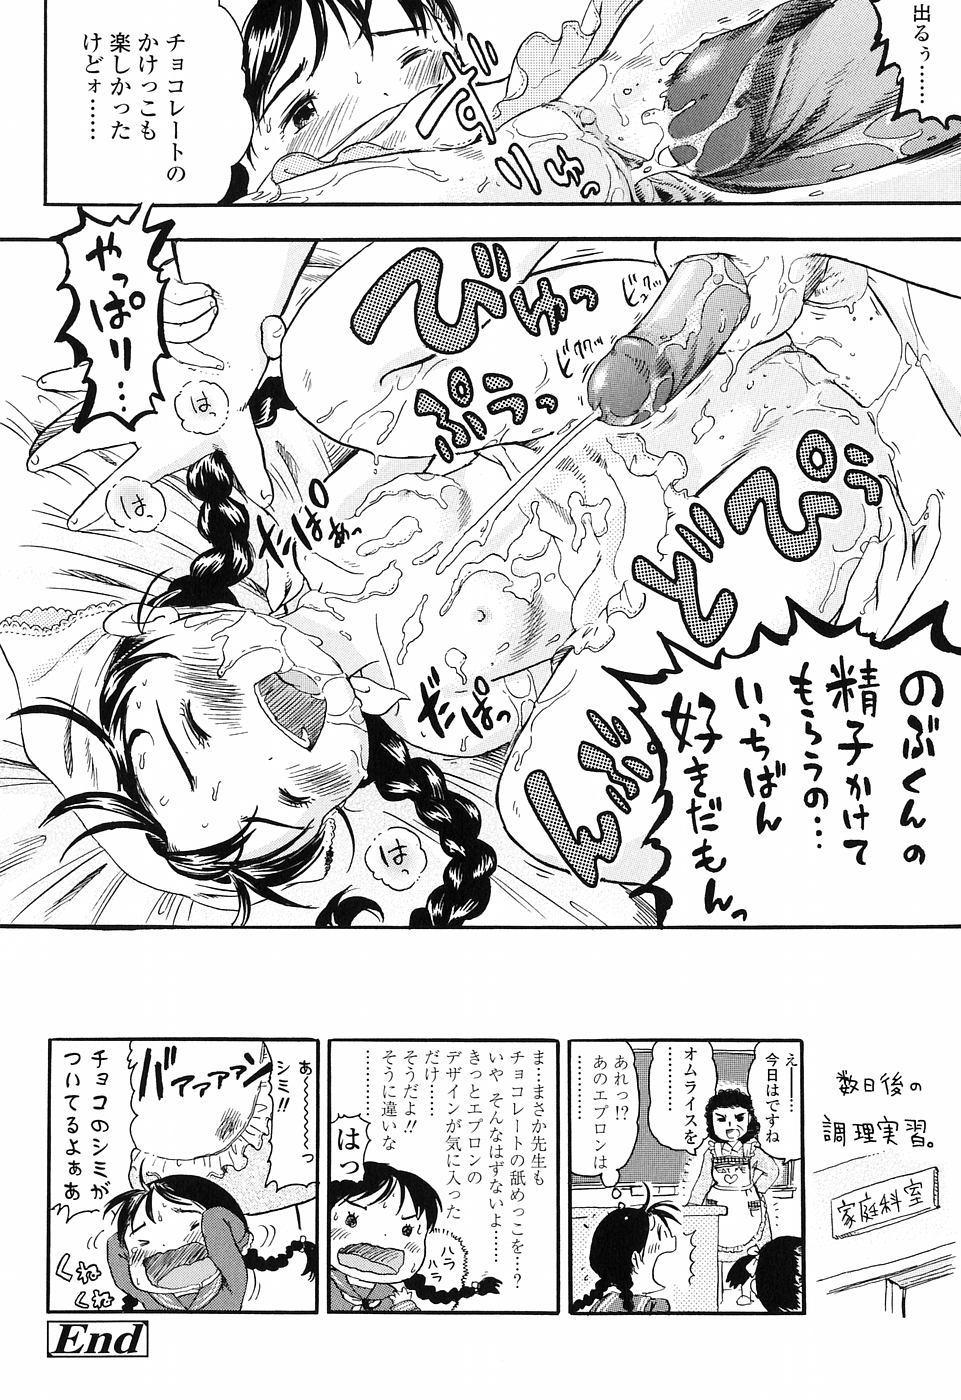 Koisuru Fukurami 123